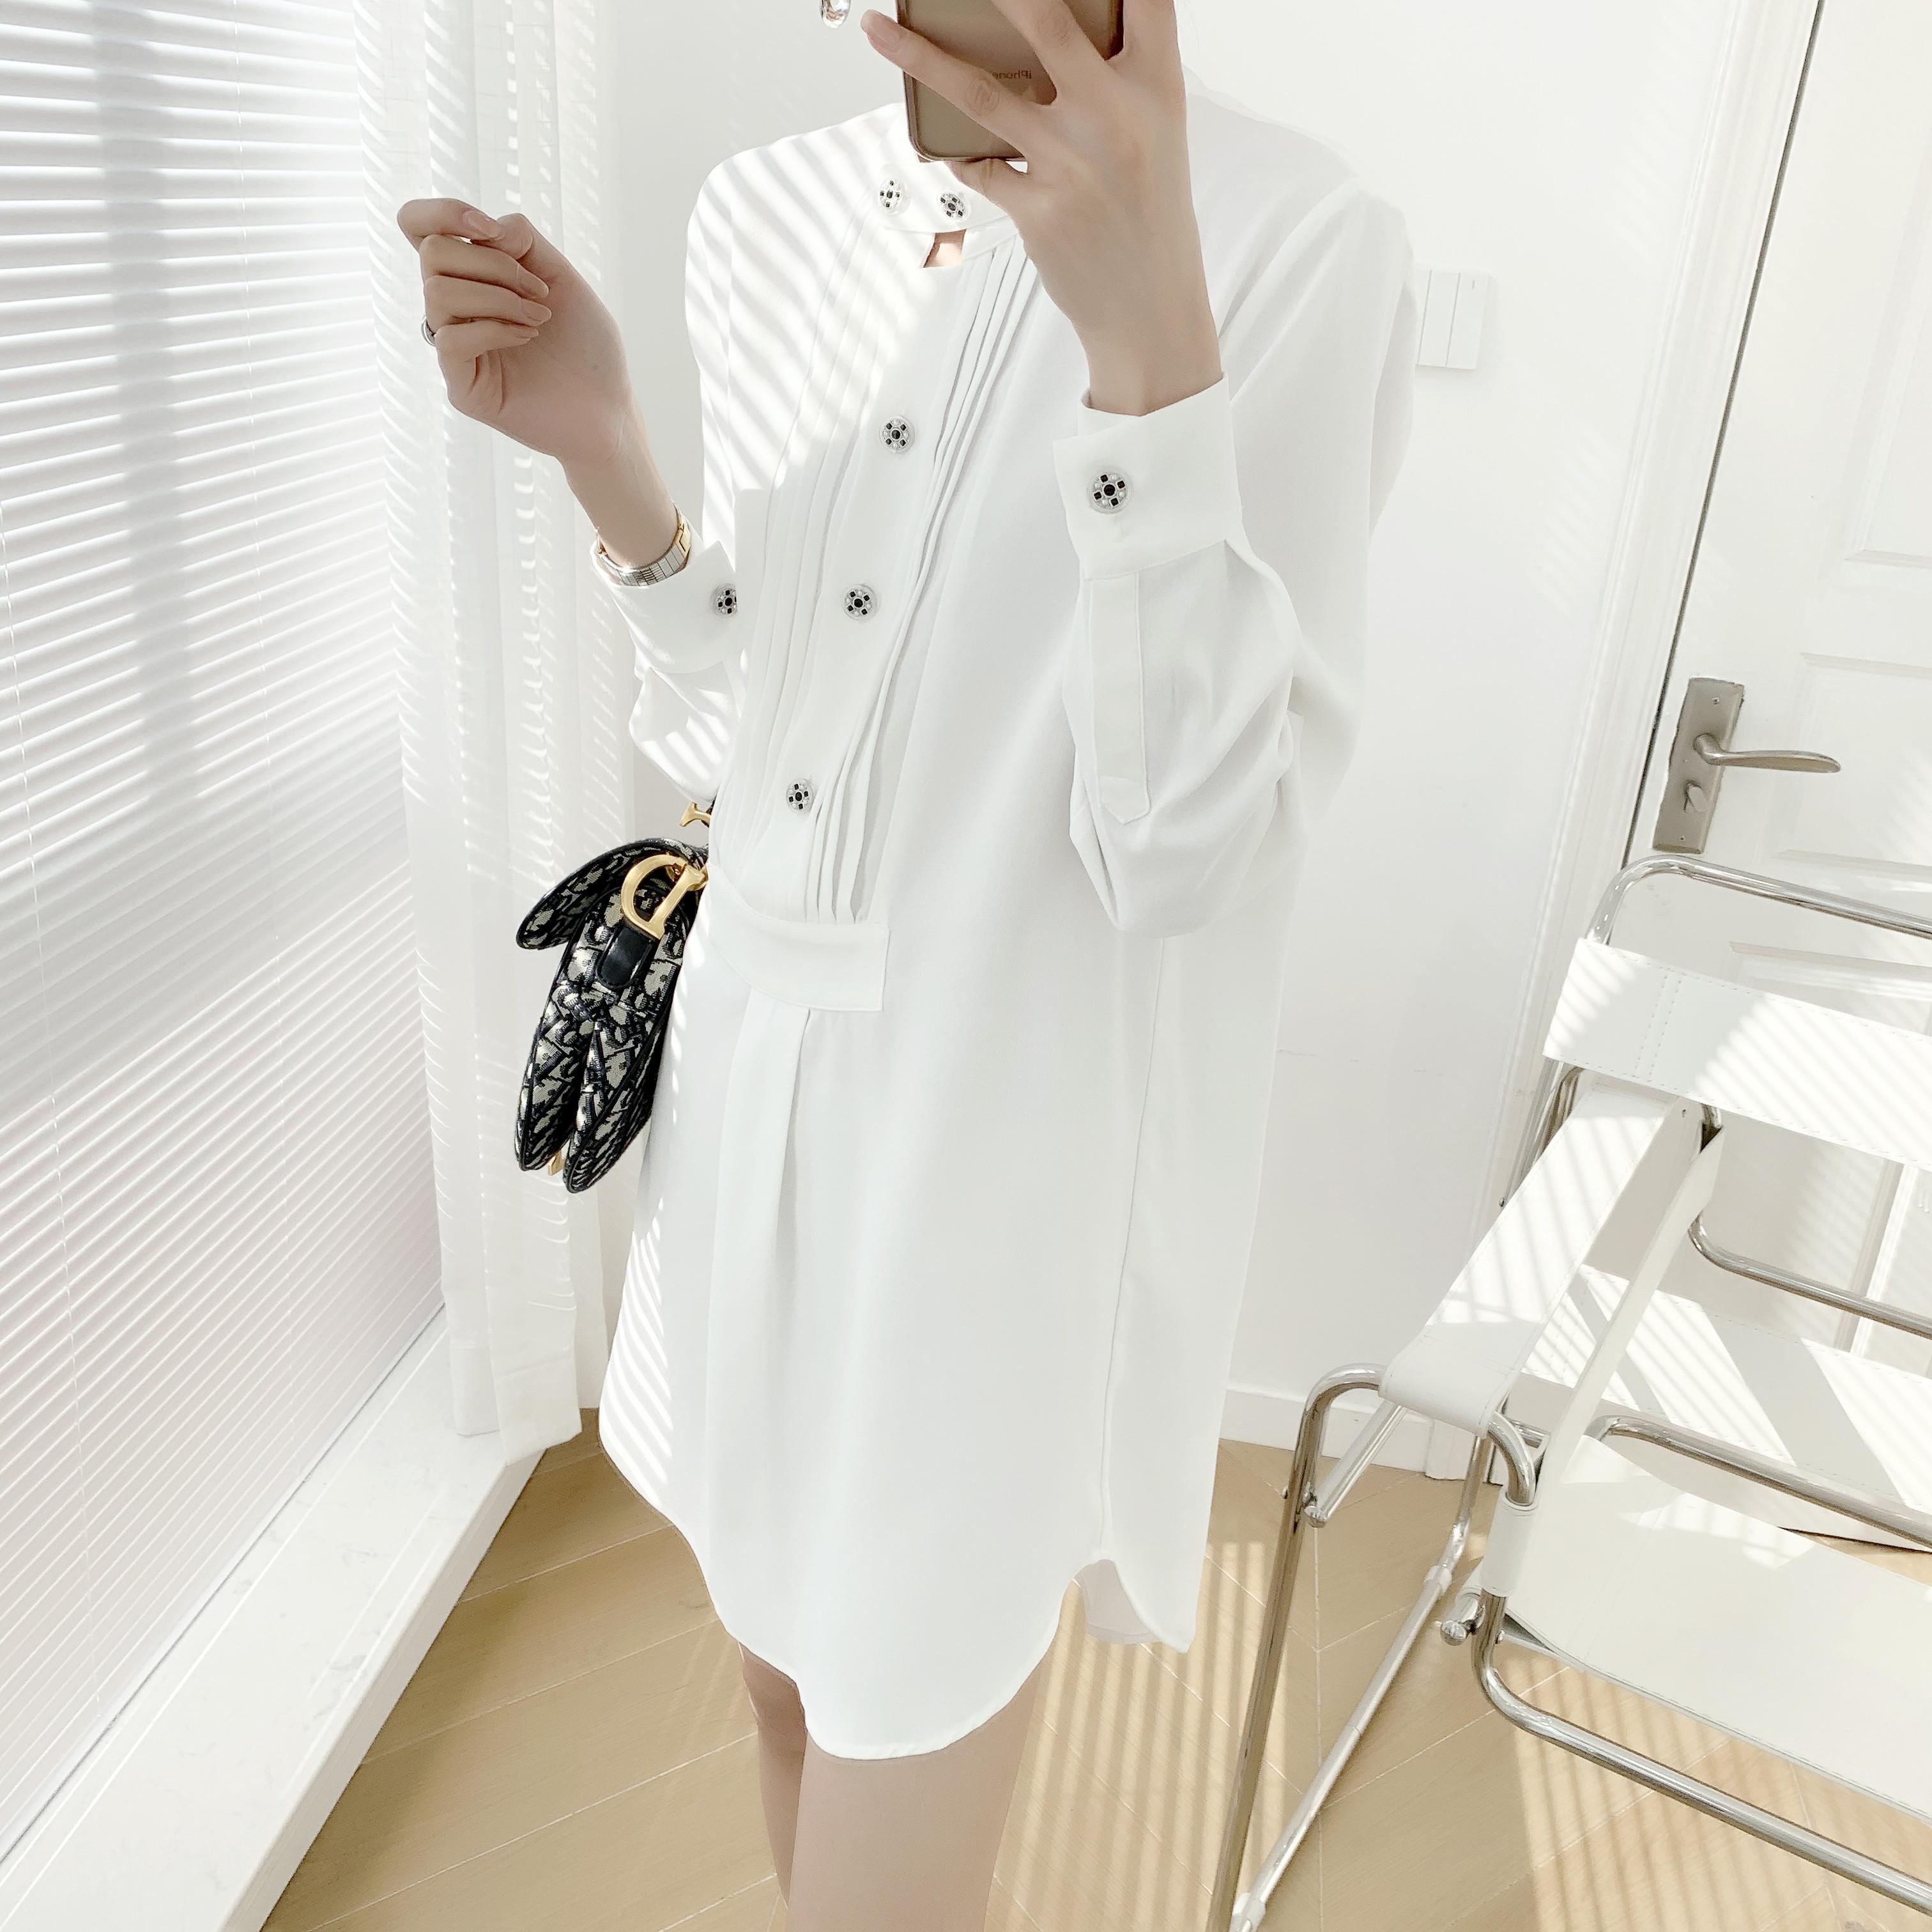 2020春季新款定制扣长袖衬衫裙女 纯色百搭气质小姐姐连衣裙